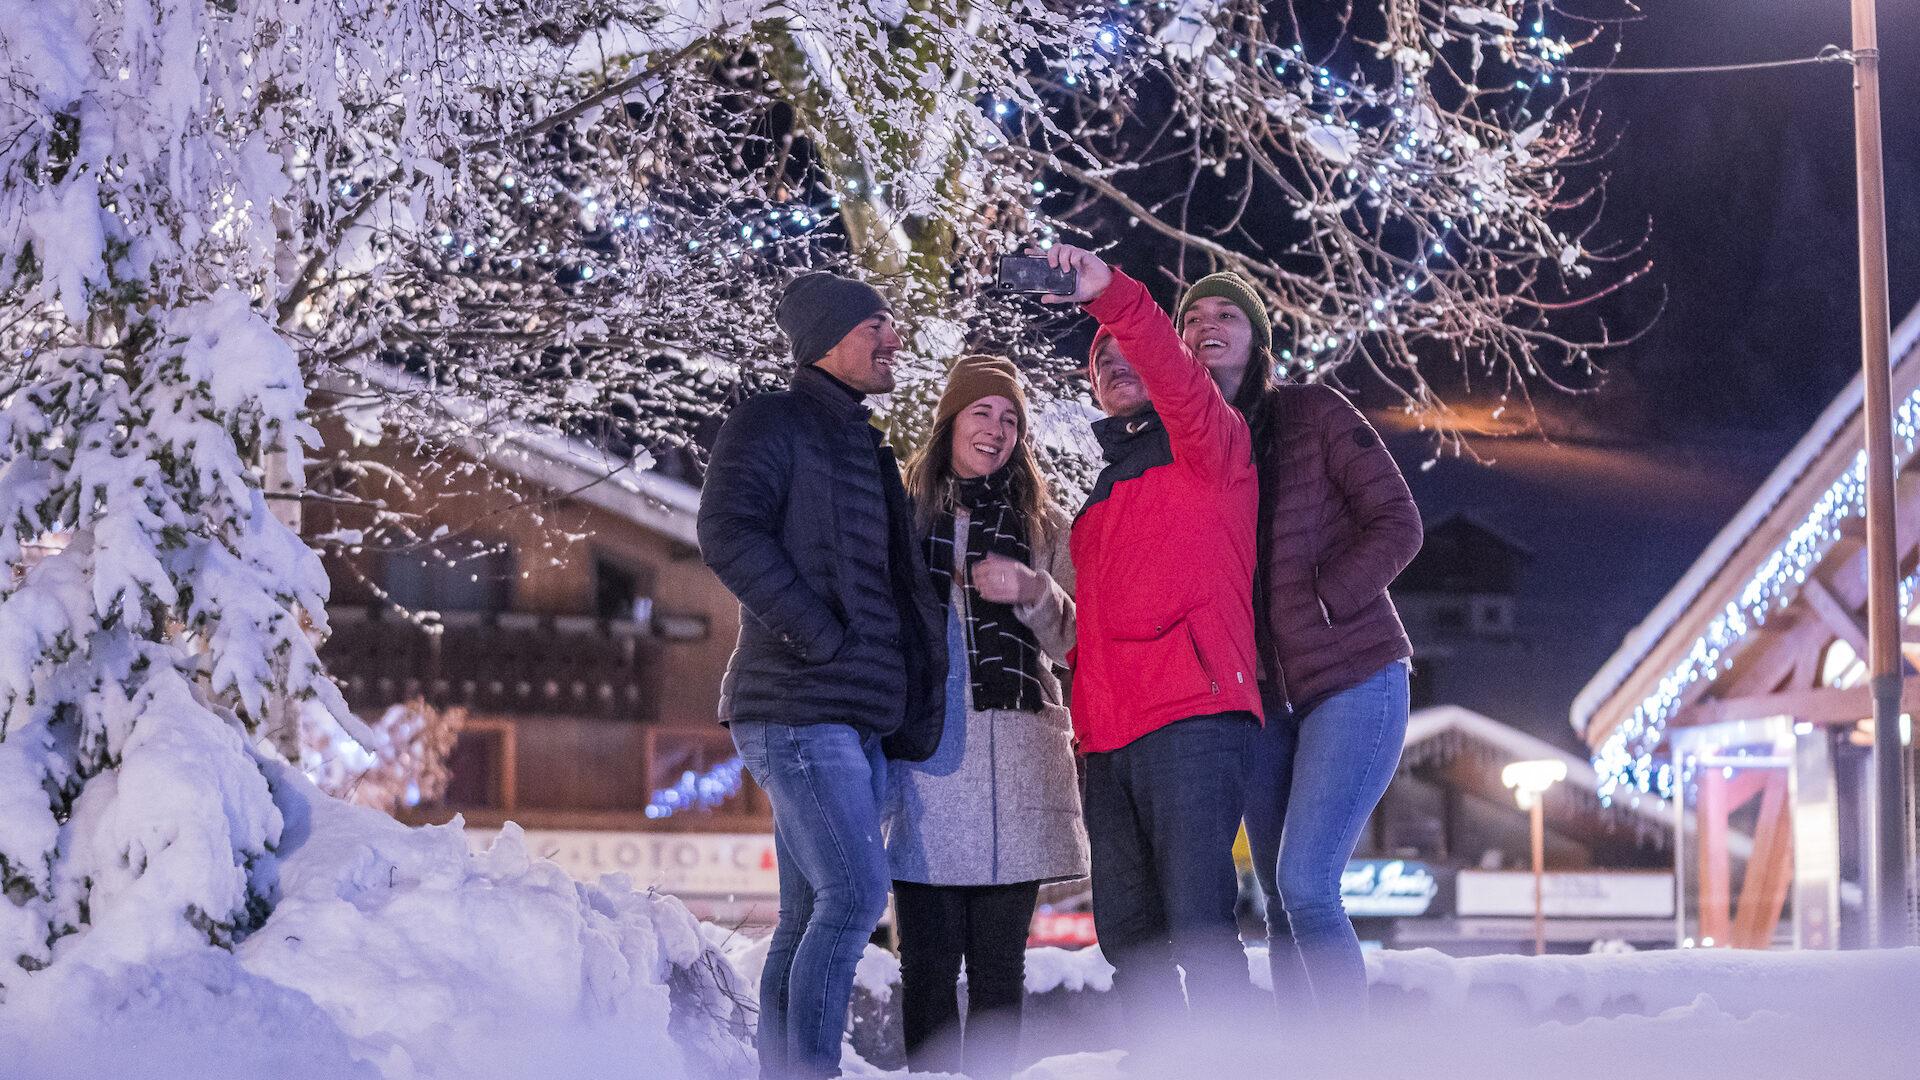 Amis se prenant en photo en hiver en soirée devant arbre enneigé et décoré